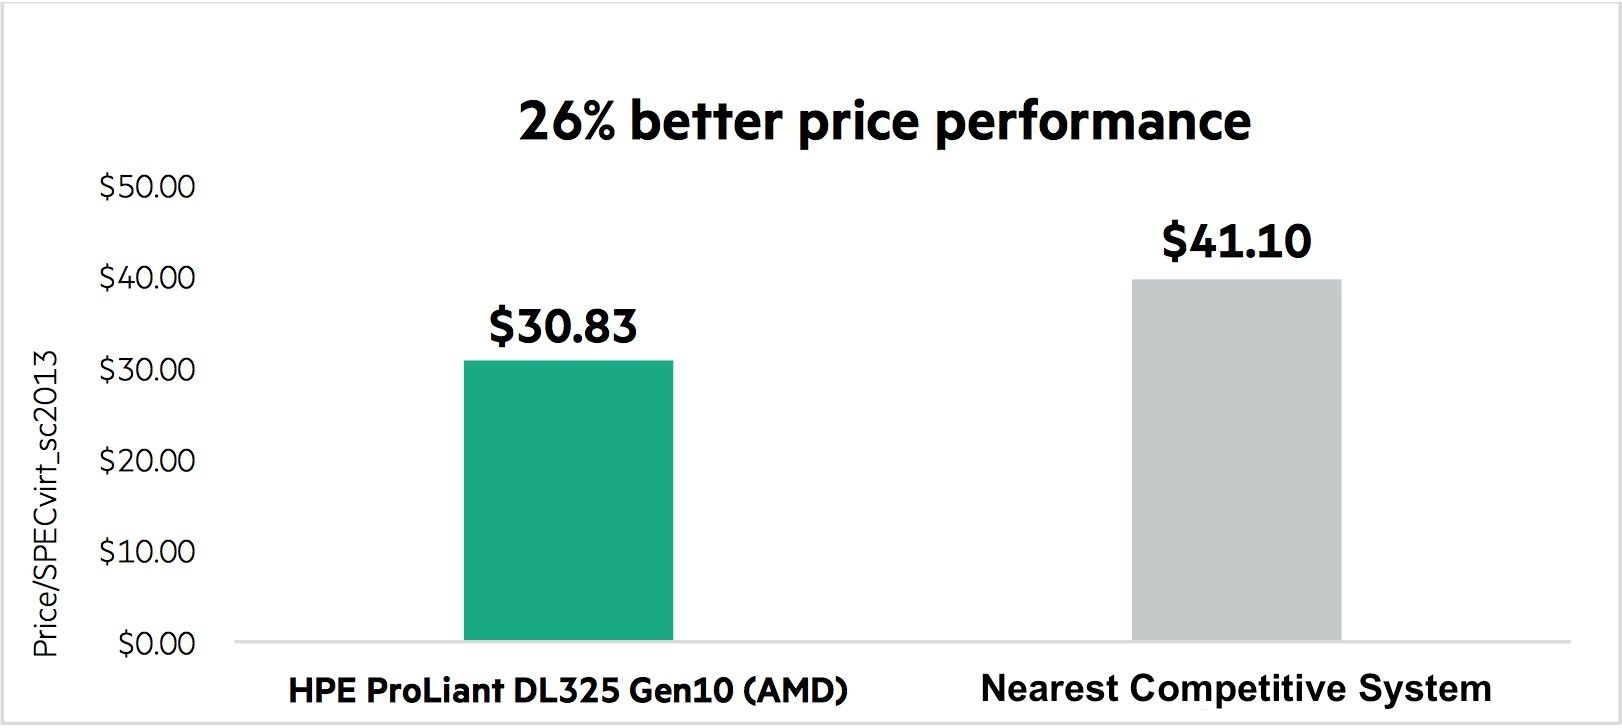 Abbildung 1 – Der 1-Prozessor-Server HPEDL325 schlägt 2-Prozessor-Systeme beim Preis-Leistungsverhältnis.